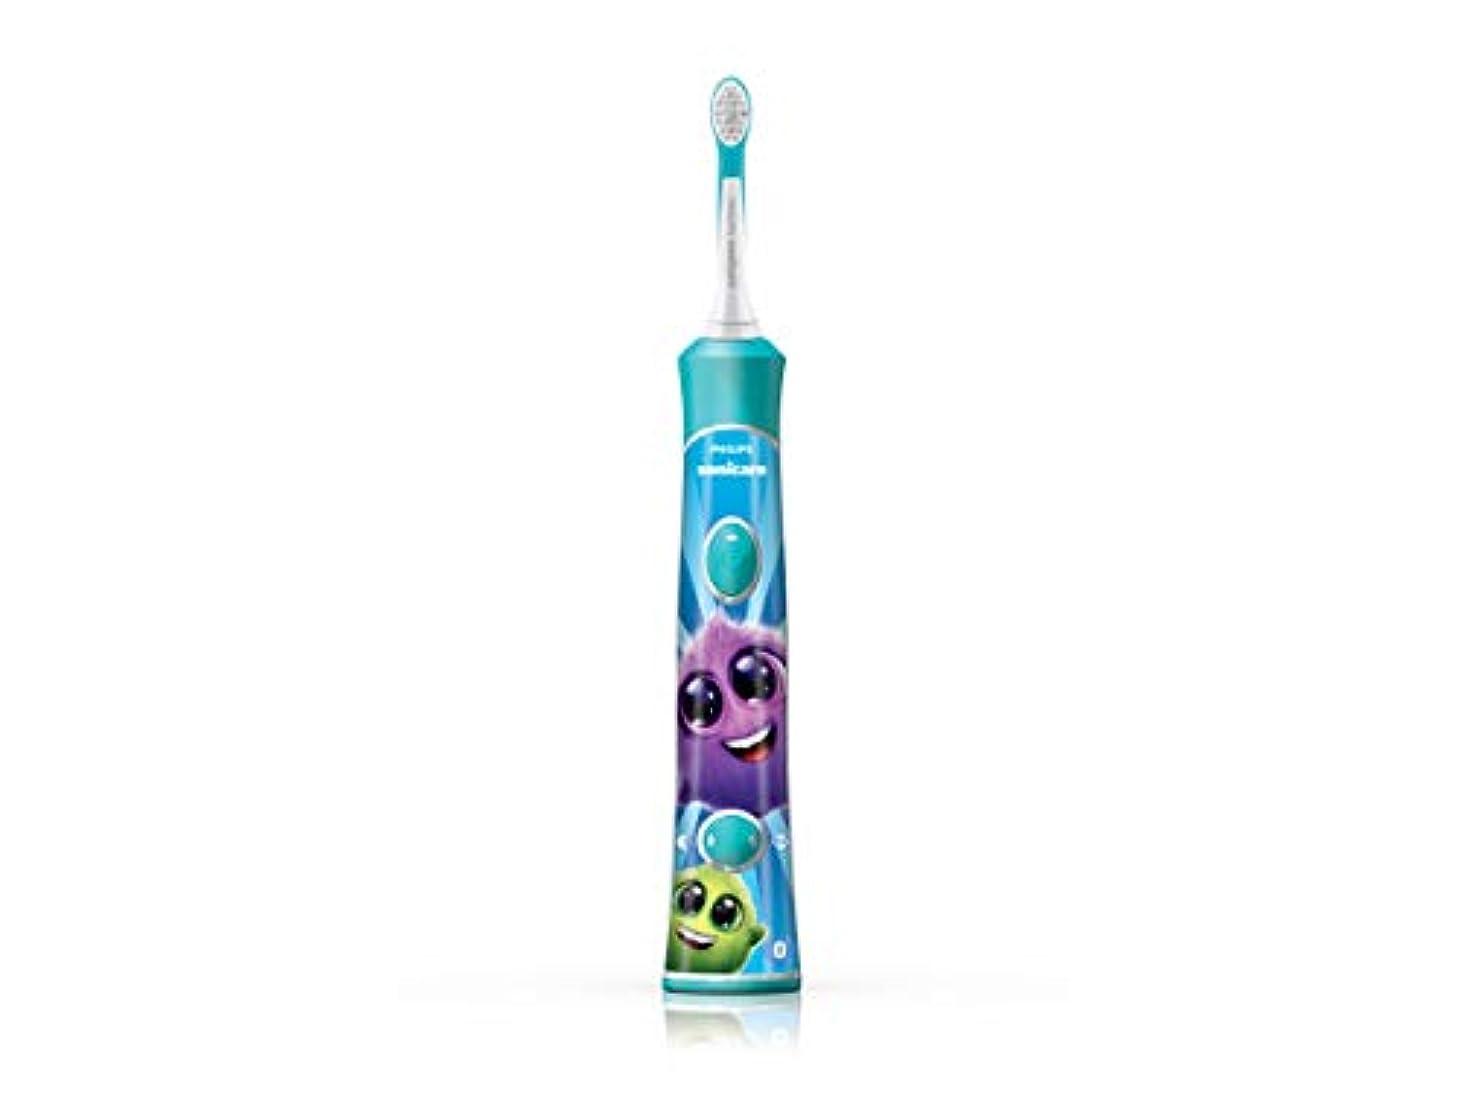 適合する場合パネルフィリップス ソニッケアー キッズ こども用電動歯ブラシ アプリ連動 HX6326/03